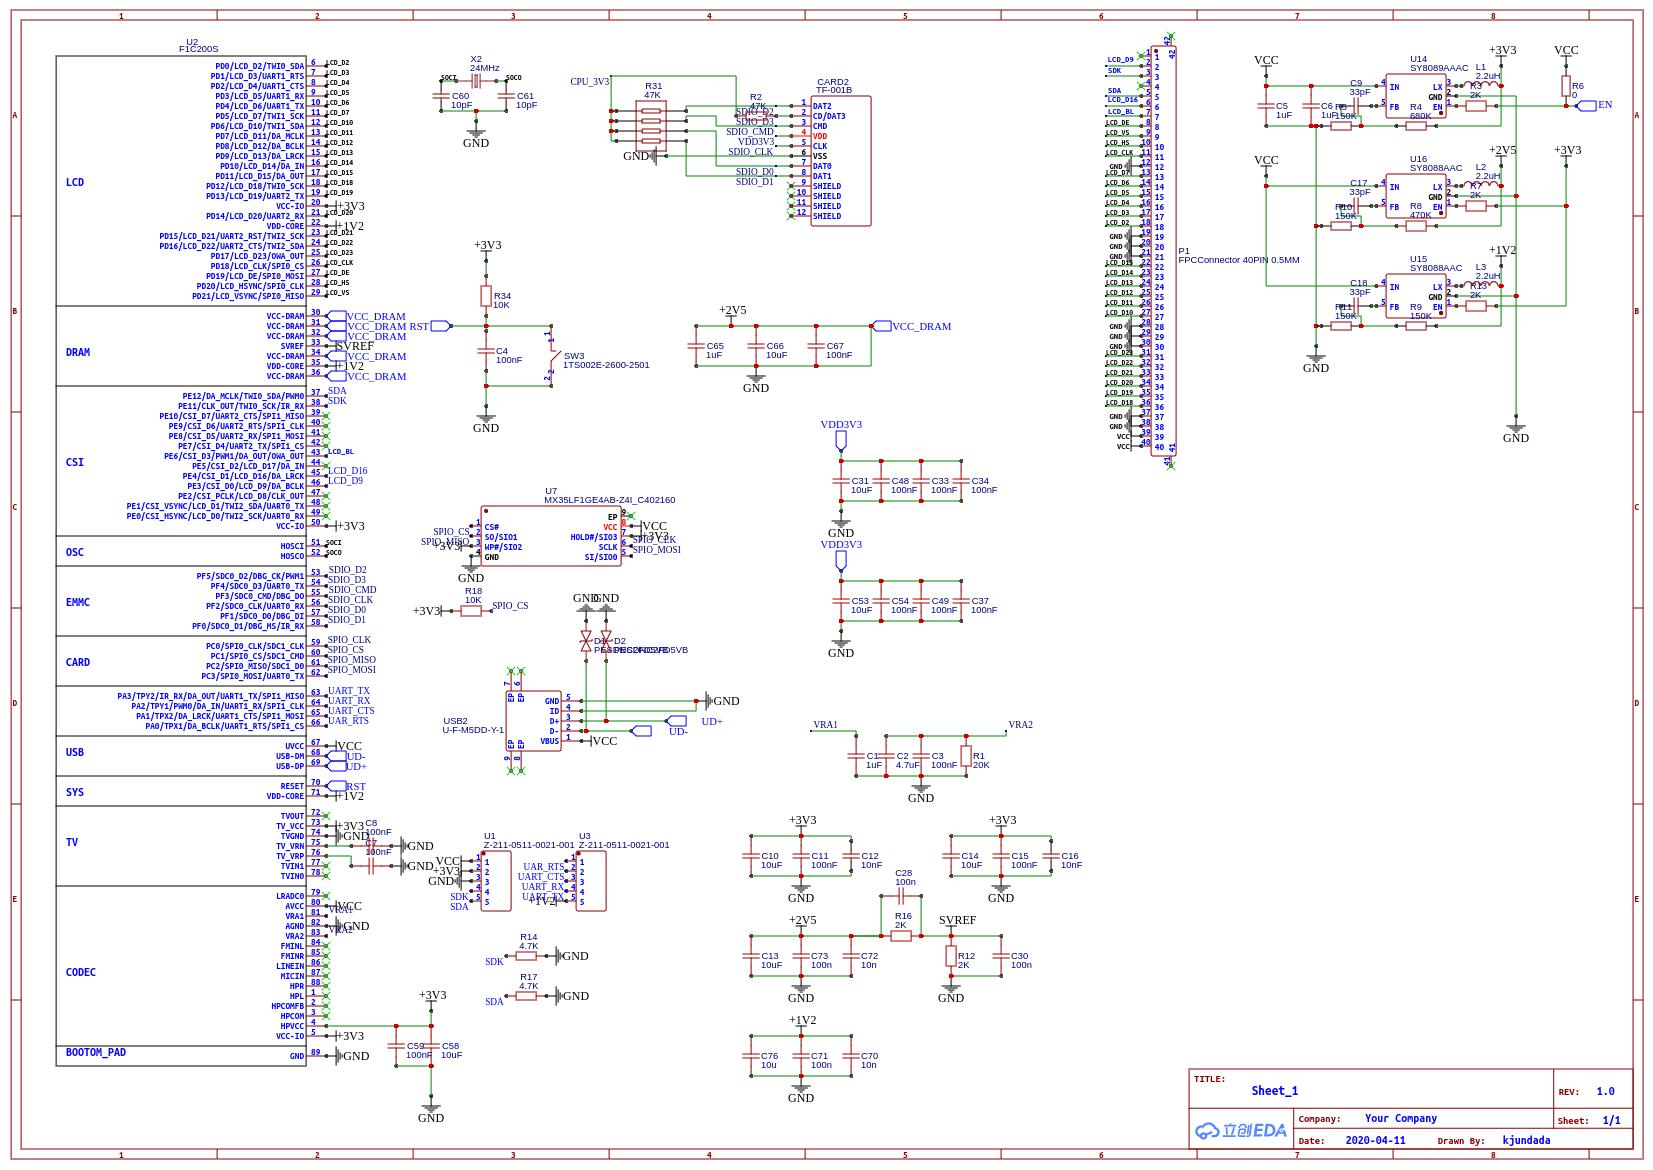 Schematic_kmpc_2020-04-20_12-08-15.png